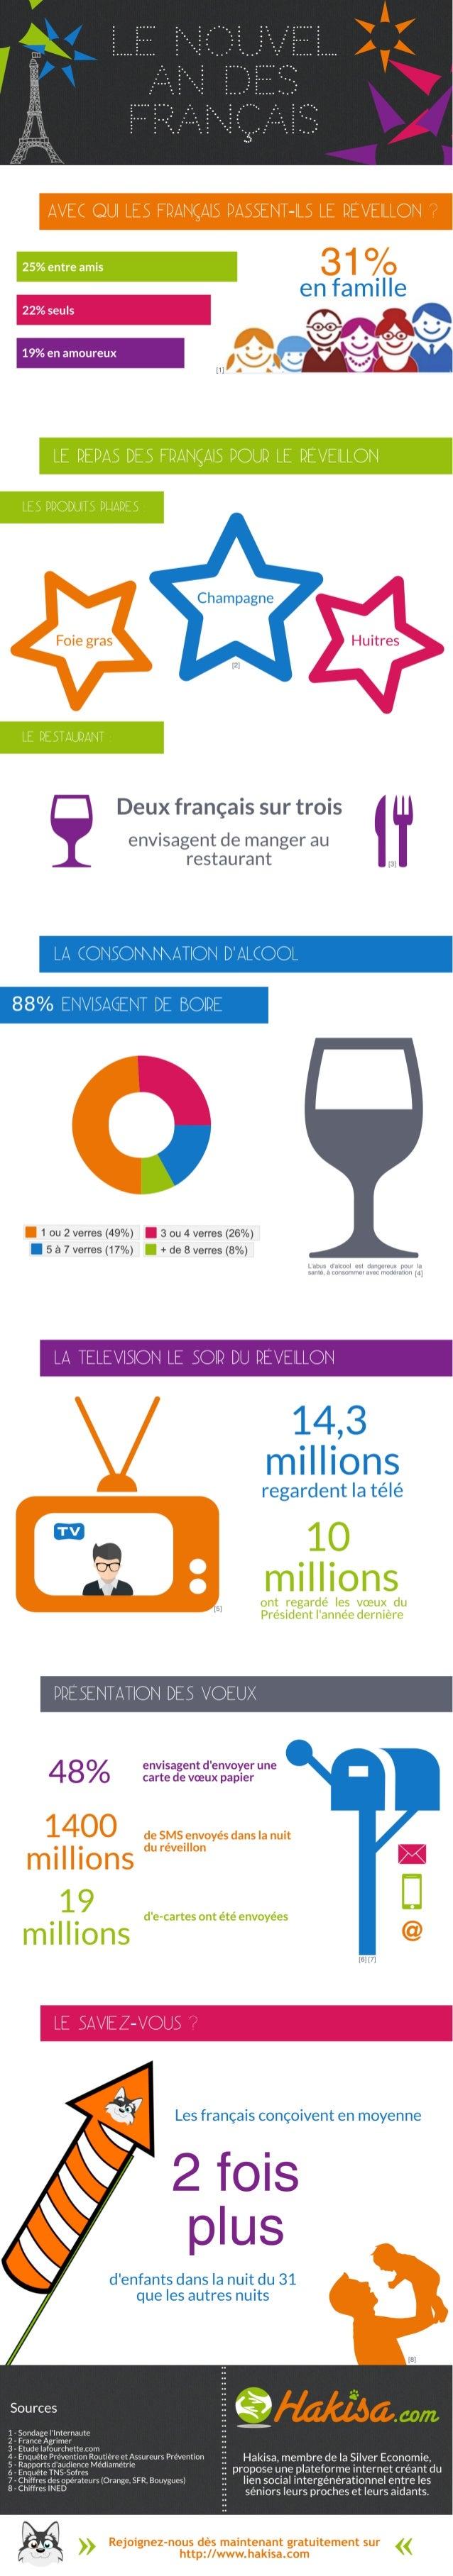 Infographie : Le Nouvel An des français